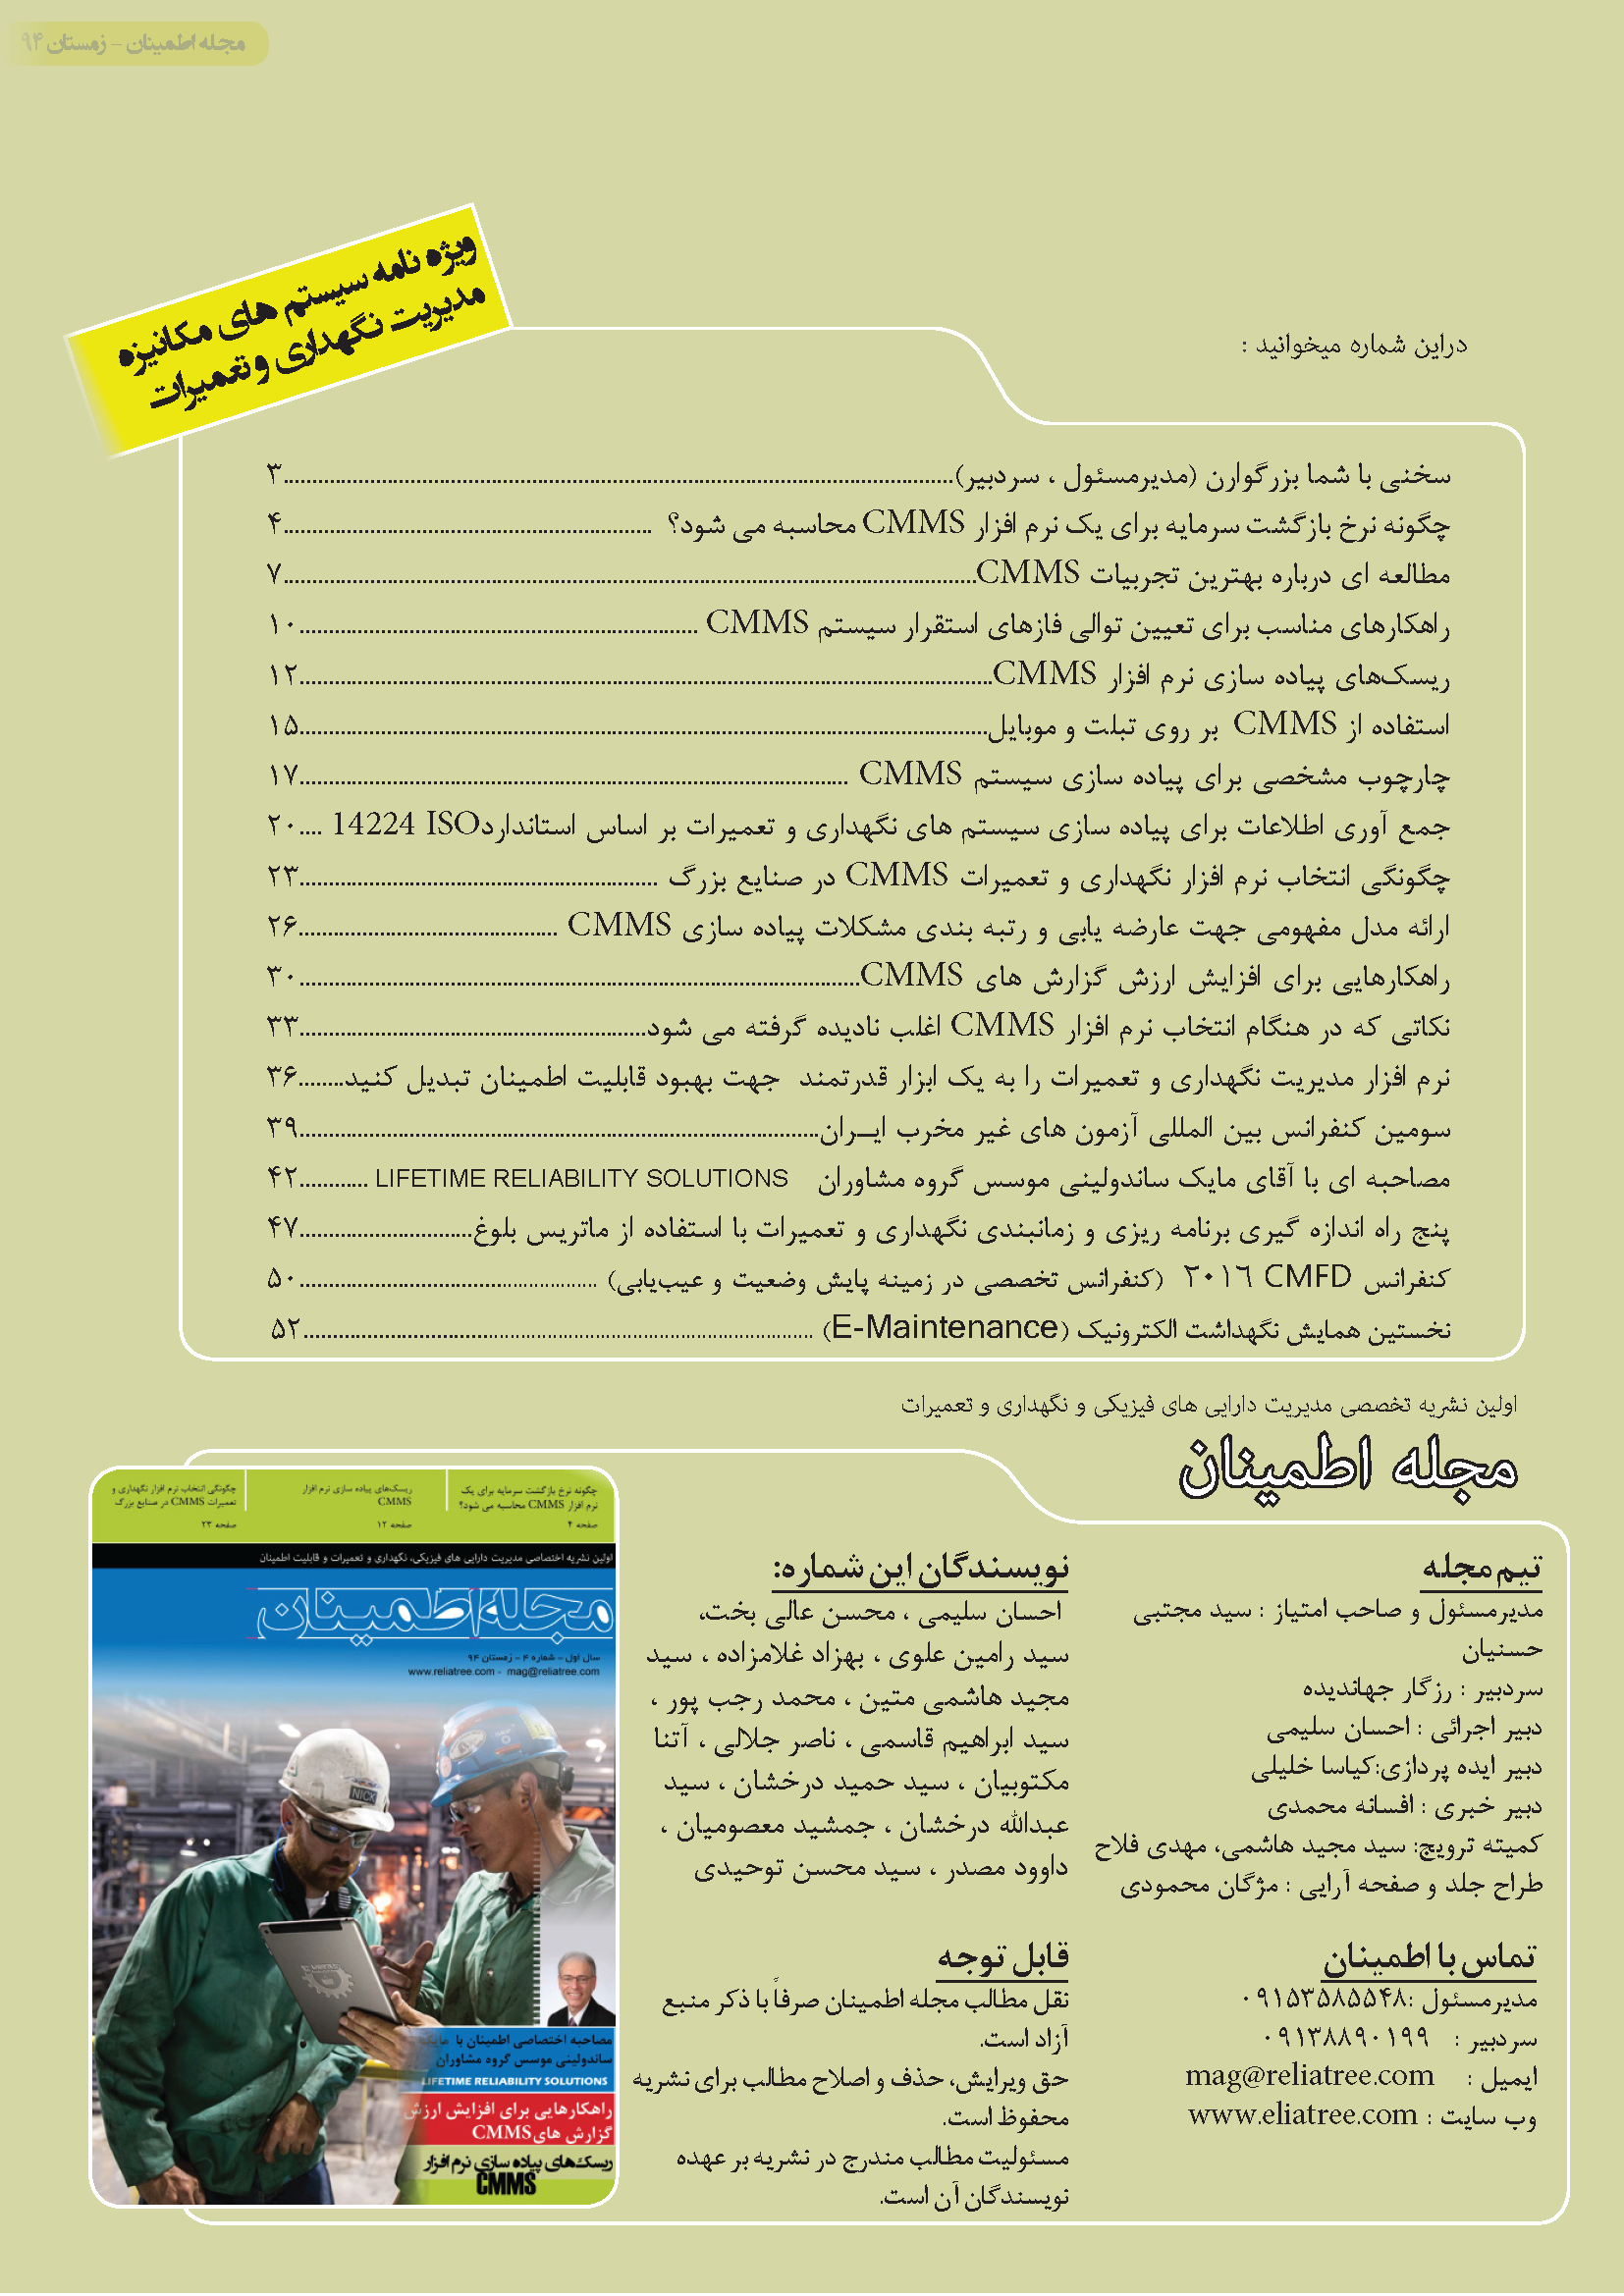 فهرست مطالب مجله اطمینان